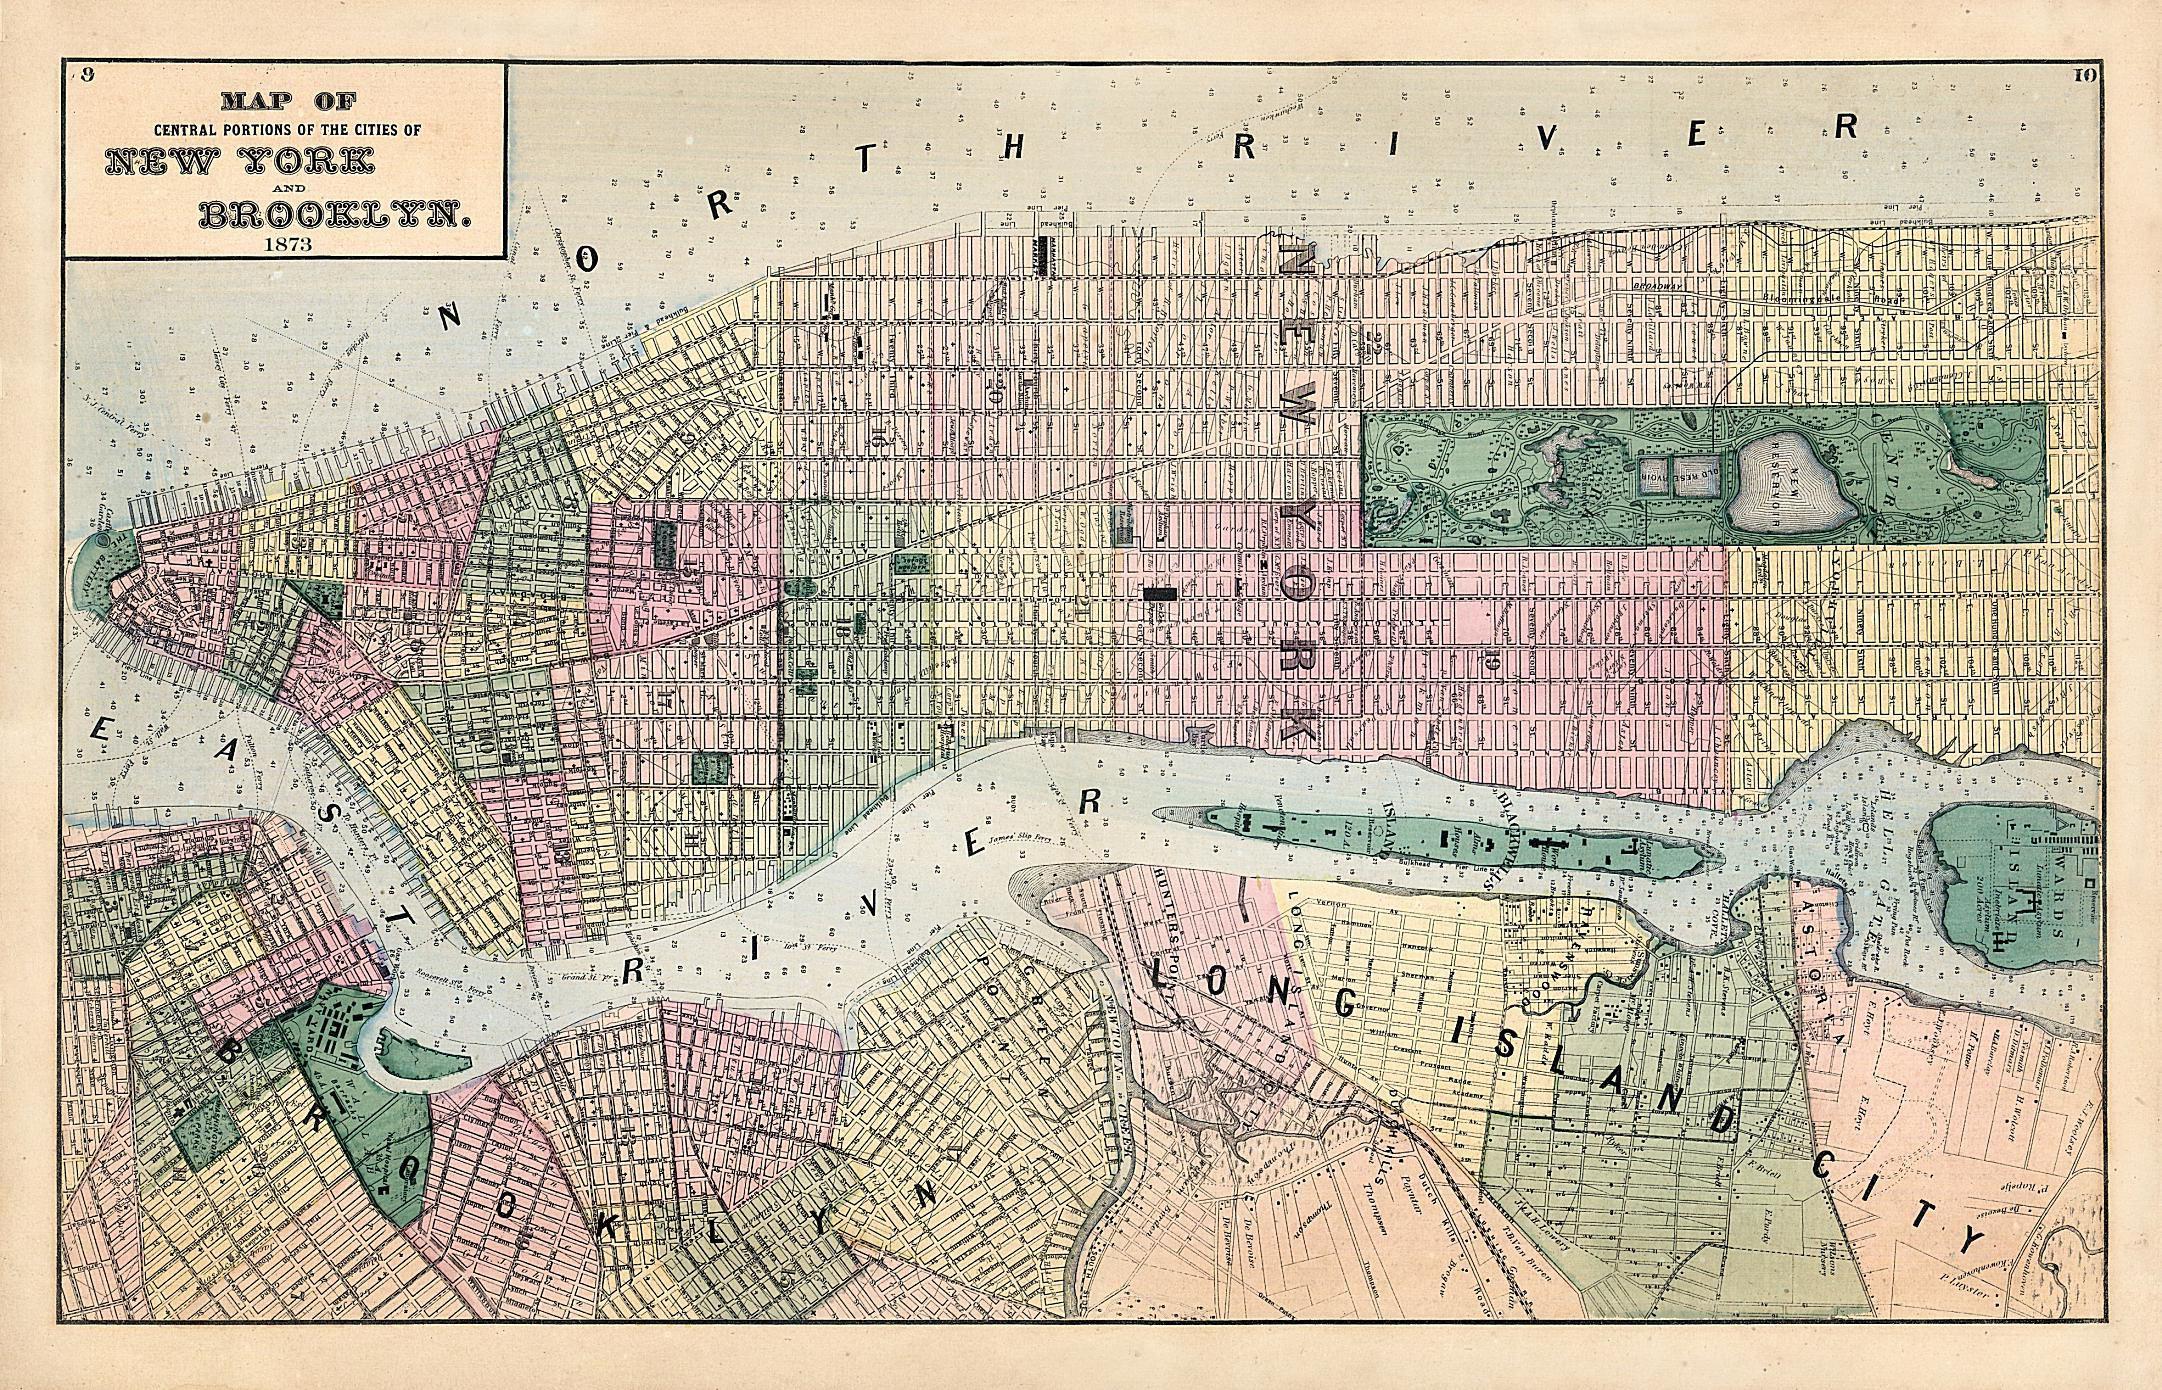 Ontario California Map Google Printable Historic Land Ownership Maps - California Land Ownership Map